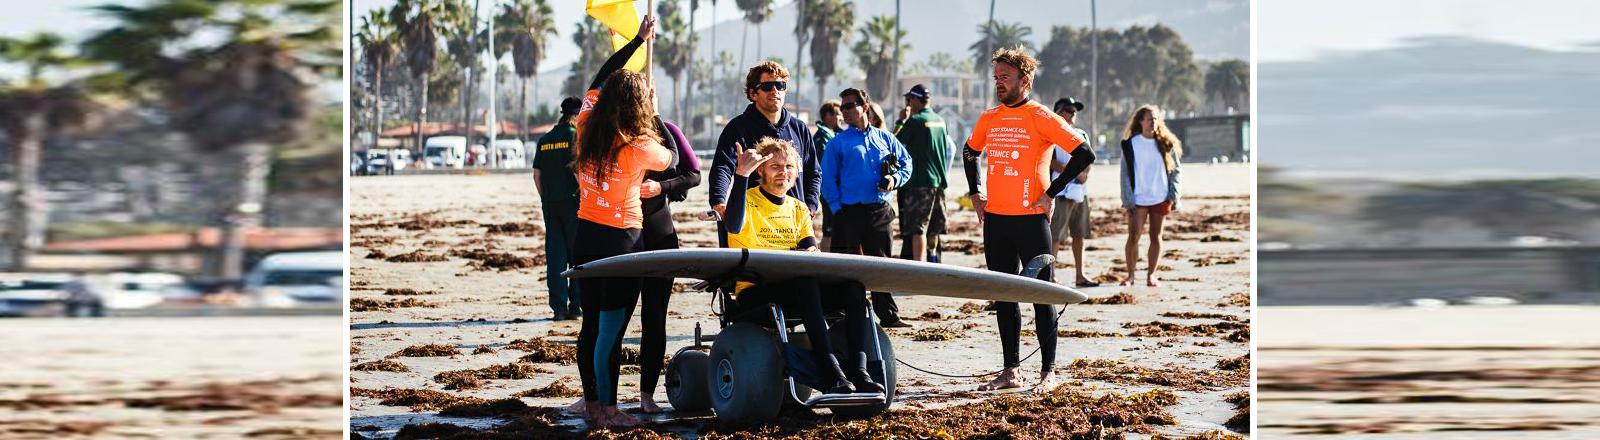 Mann mit Rollstuhl und Surfboard